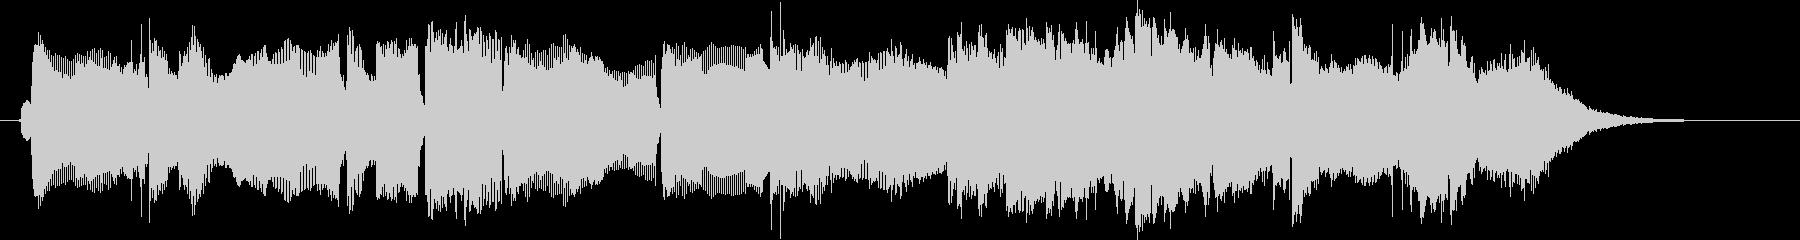 ゆったりと落ち着いたリラクゼーション音楽の未再生の波形